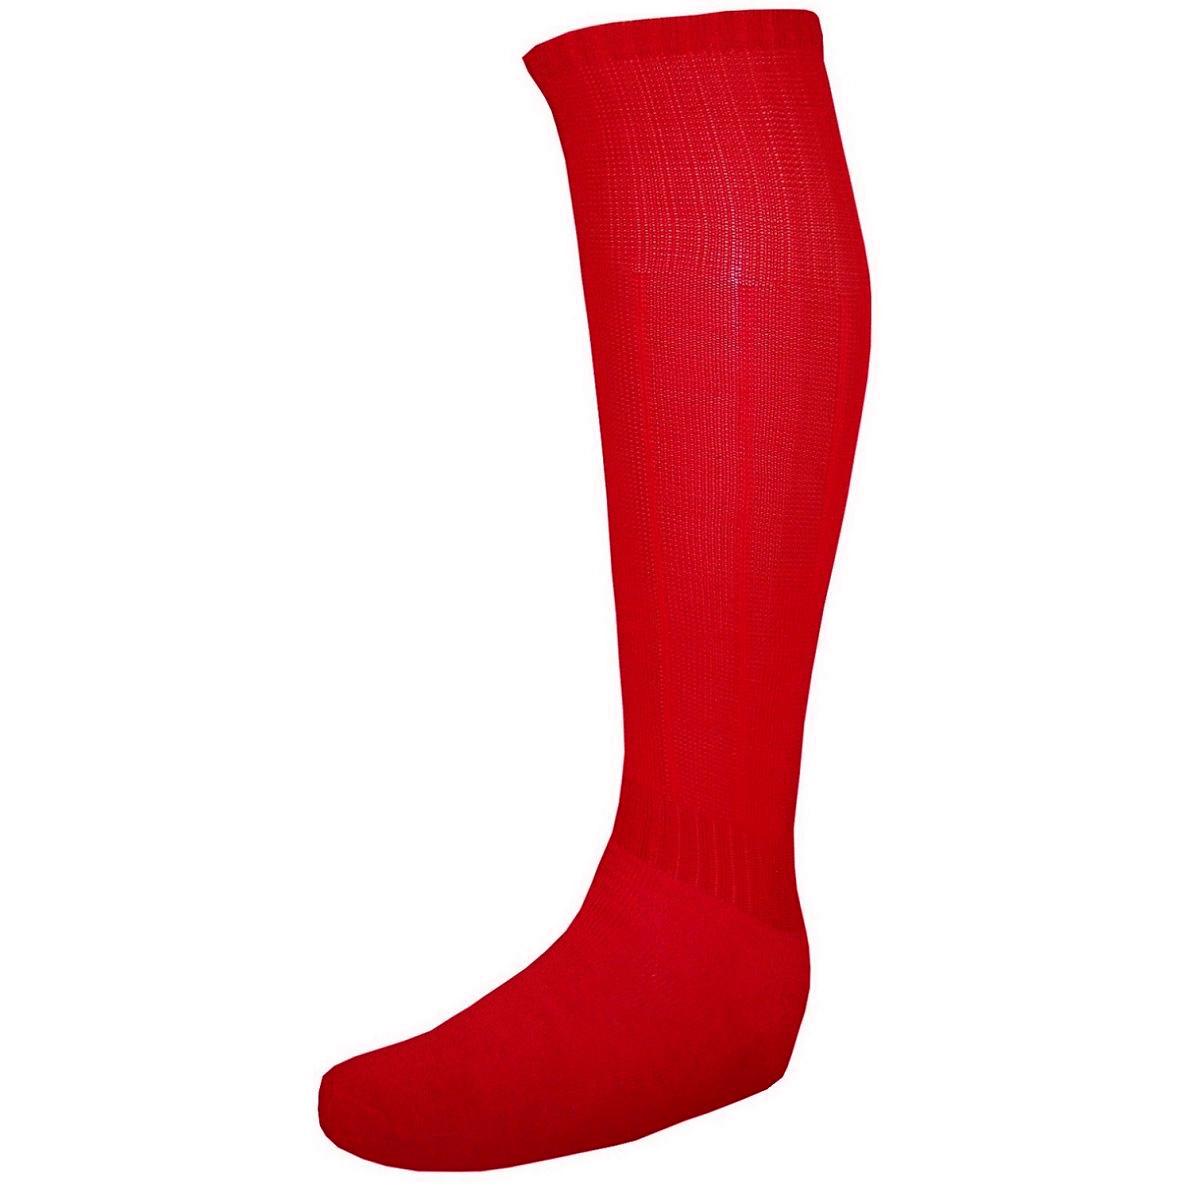 Fardamento Completo modelo Columbus 18+2 (18 Camisas Vermelho/Preto + 18 Calções Madrid Preto + 18 Pares de Meiões Vermelhos + 2 Conjuntos de Goleiro) + Brindes